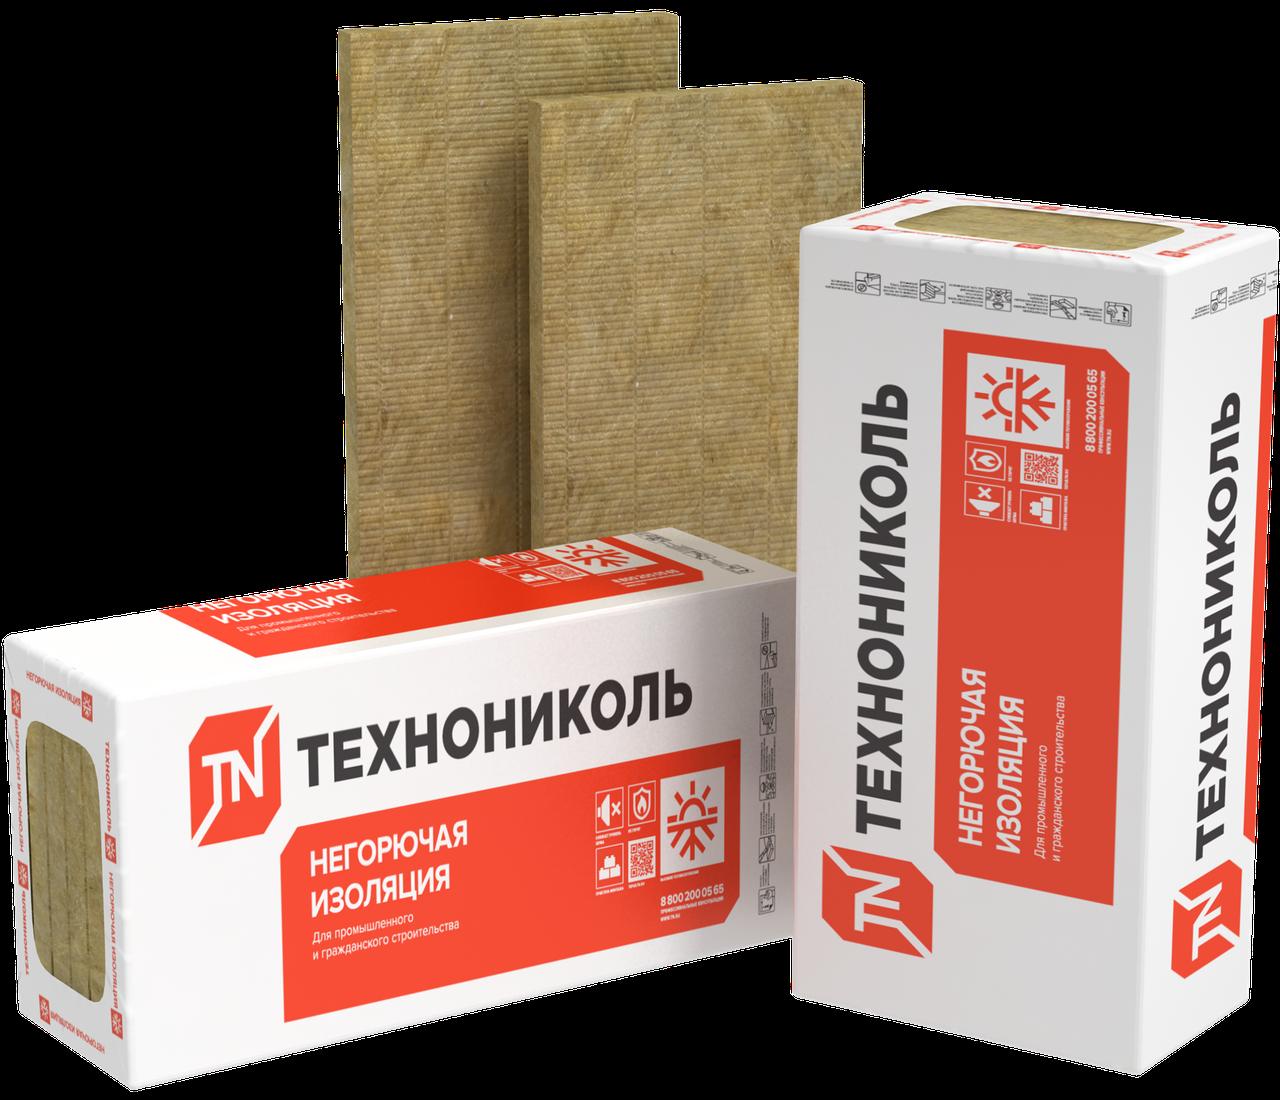 Технофас Оптима 50 мм 120 кг/куб.м. базальтовый утеплитель Технониколь